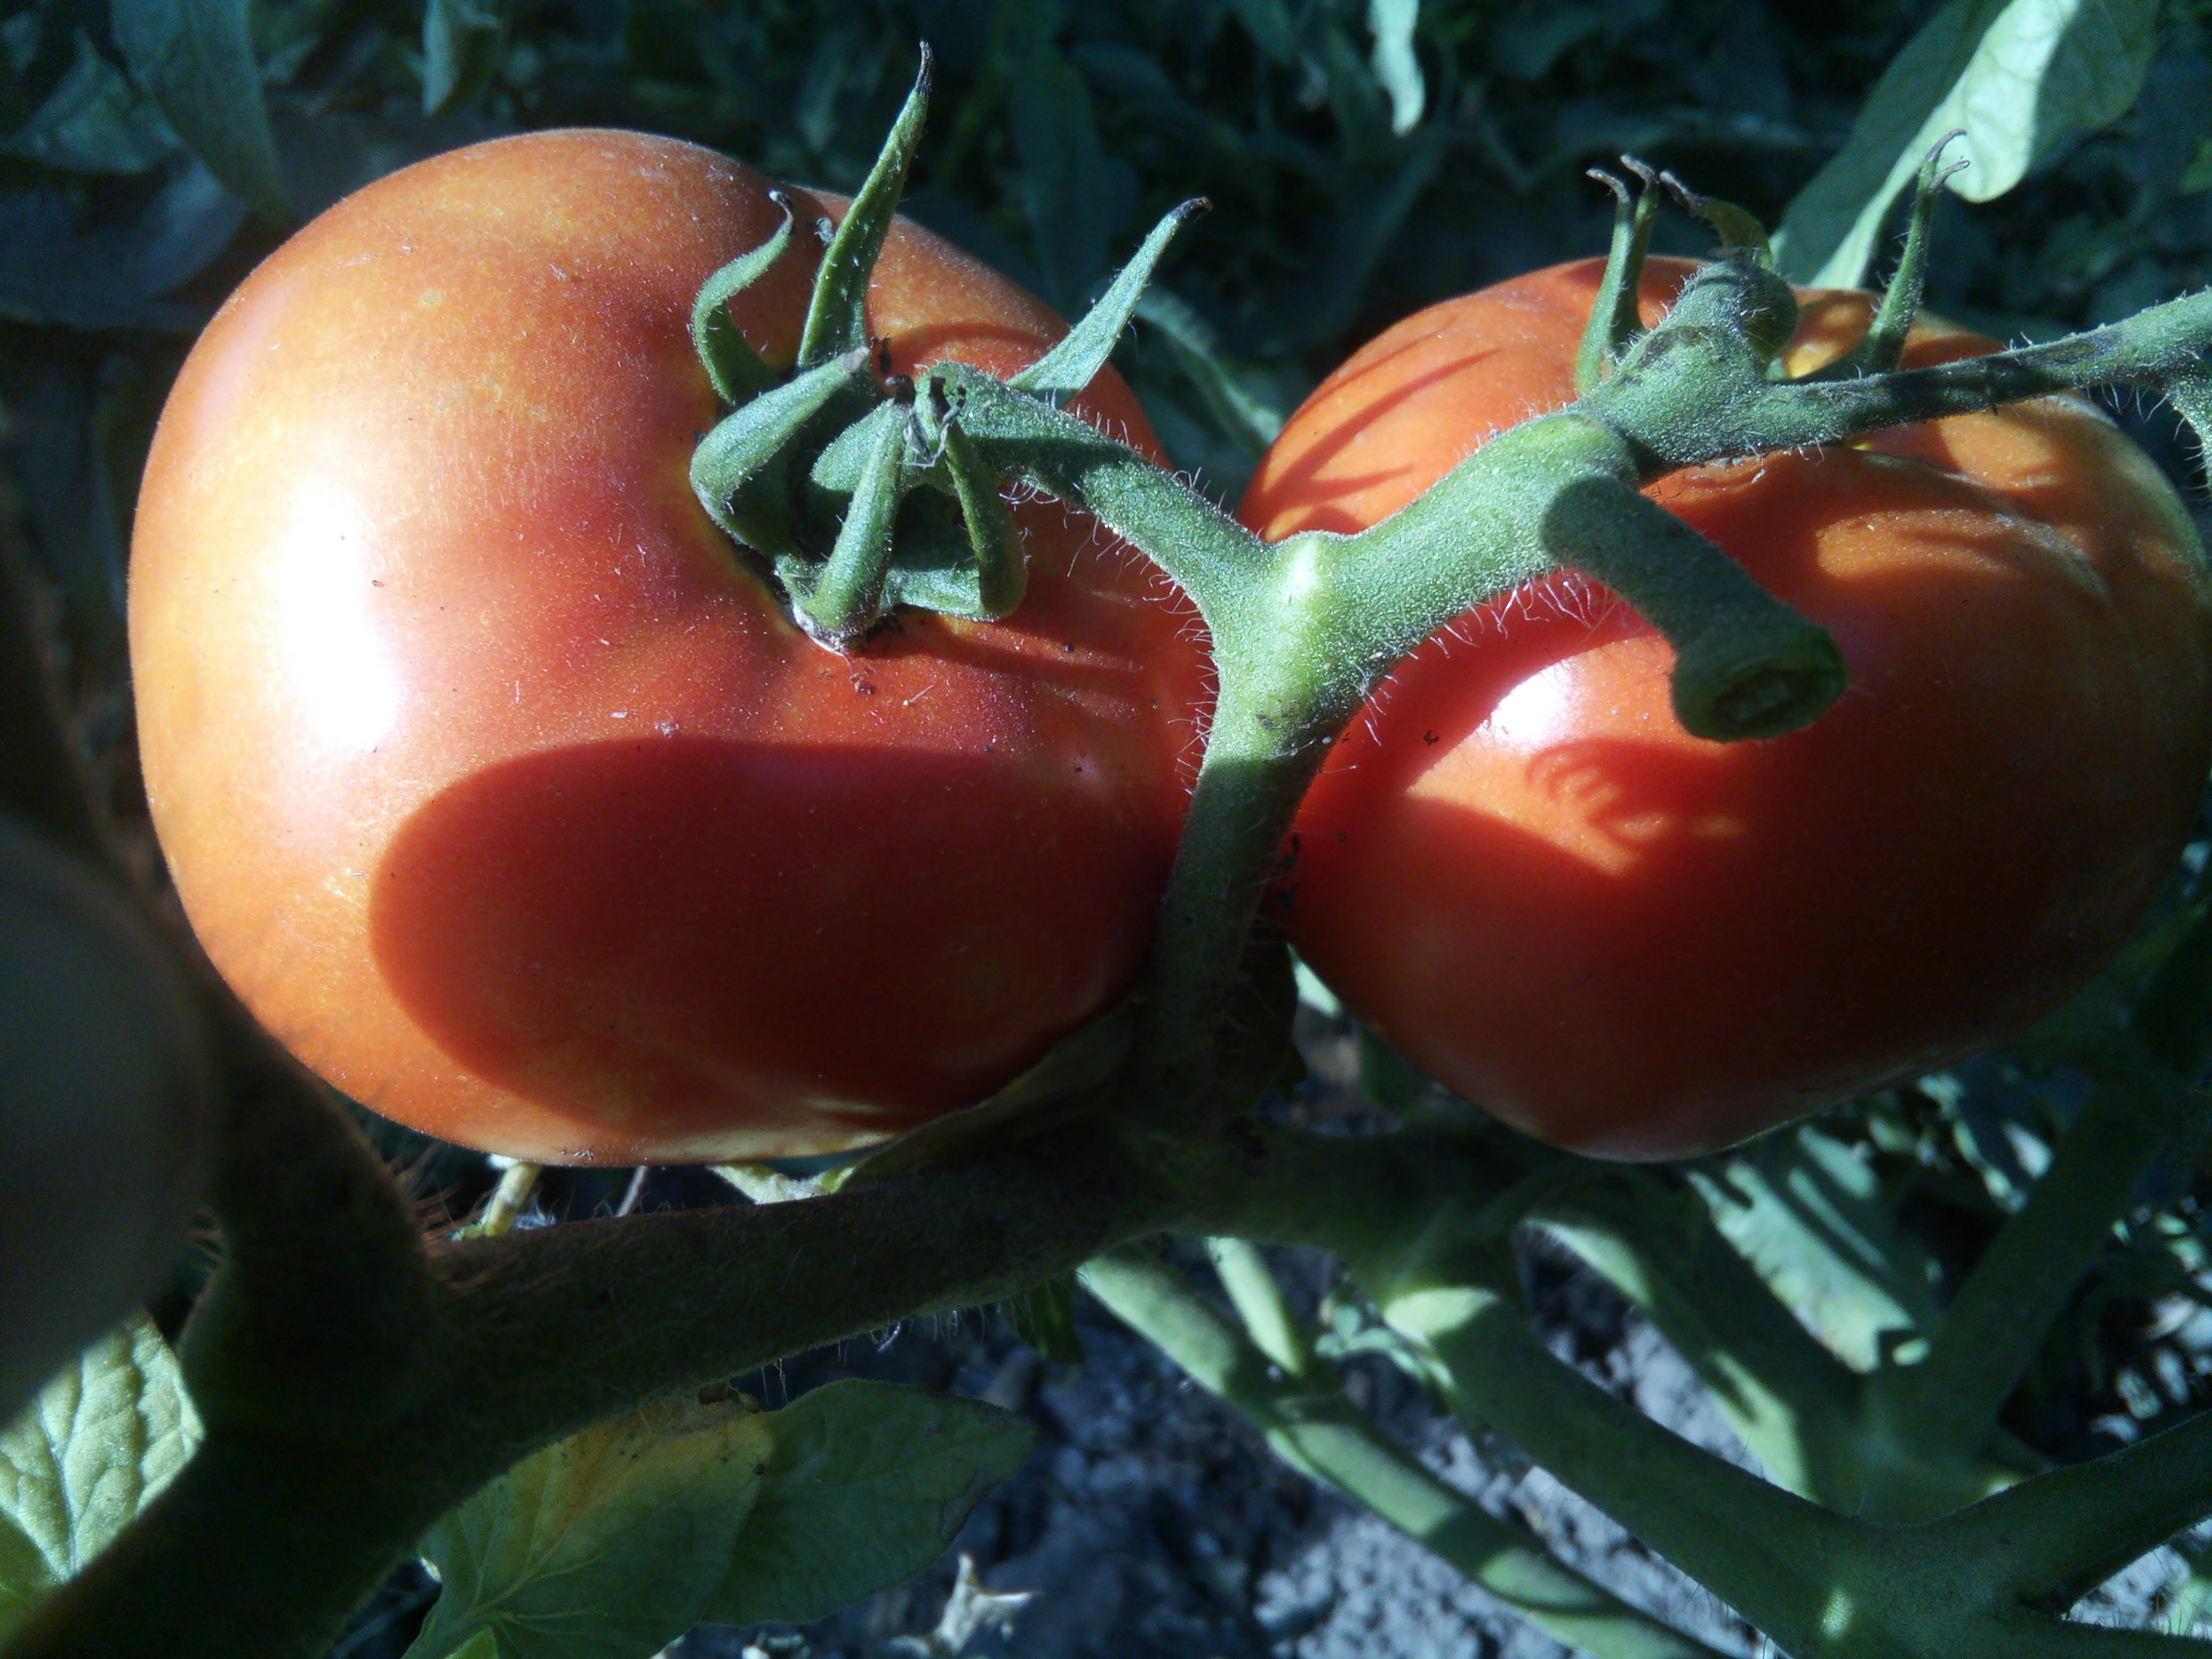 Томат большая мамочка характеристика и описание сорта. помидоры сорта большая мамочка: описание и фото